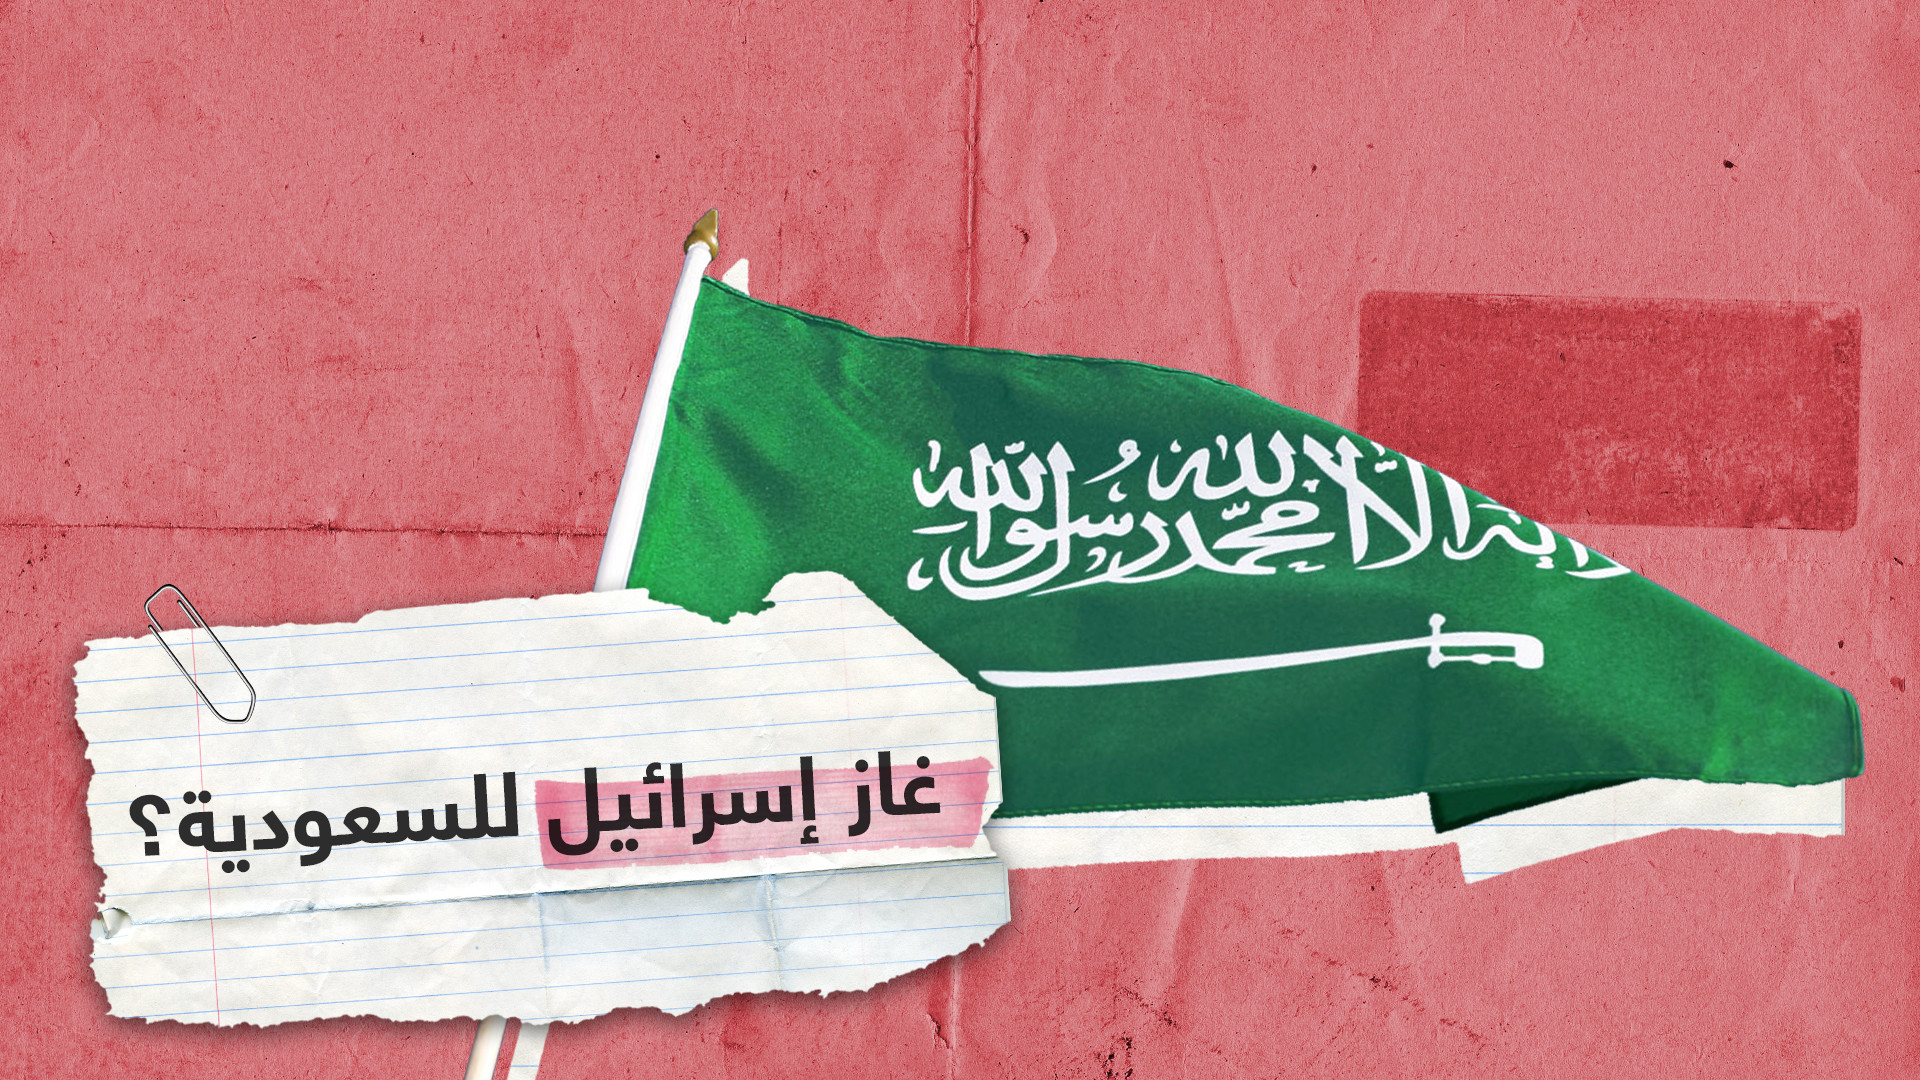 بلومبرغ: مباحثات سعودية إسرائيلية لمد خط أنابيب للغاز